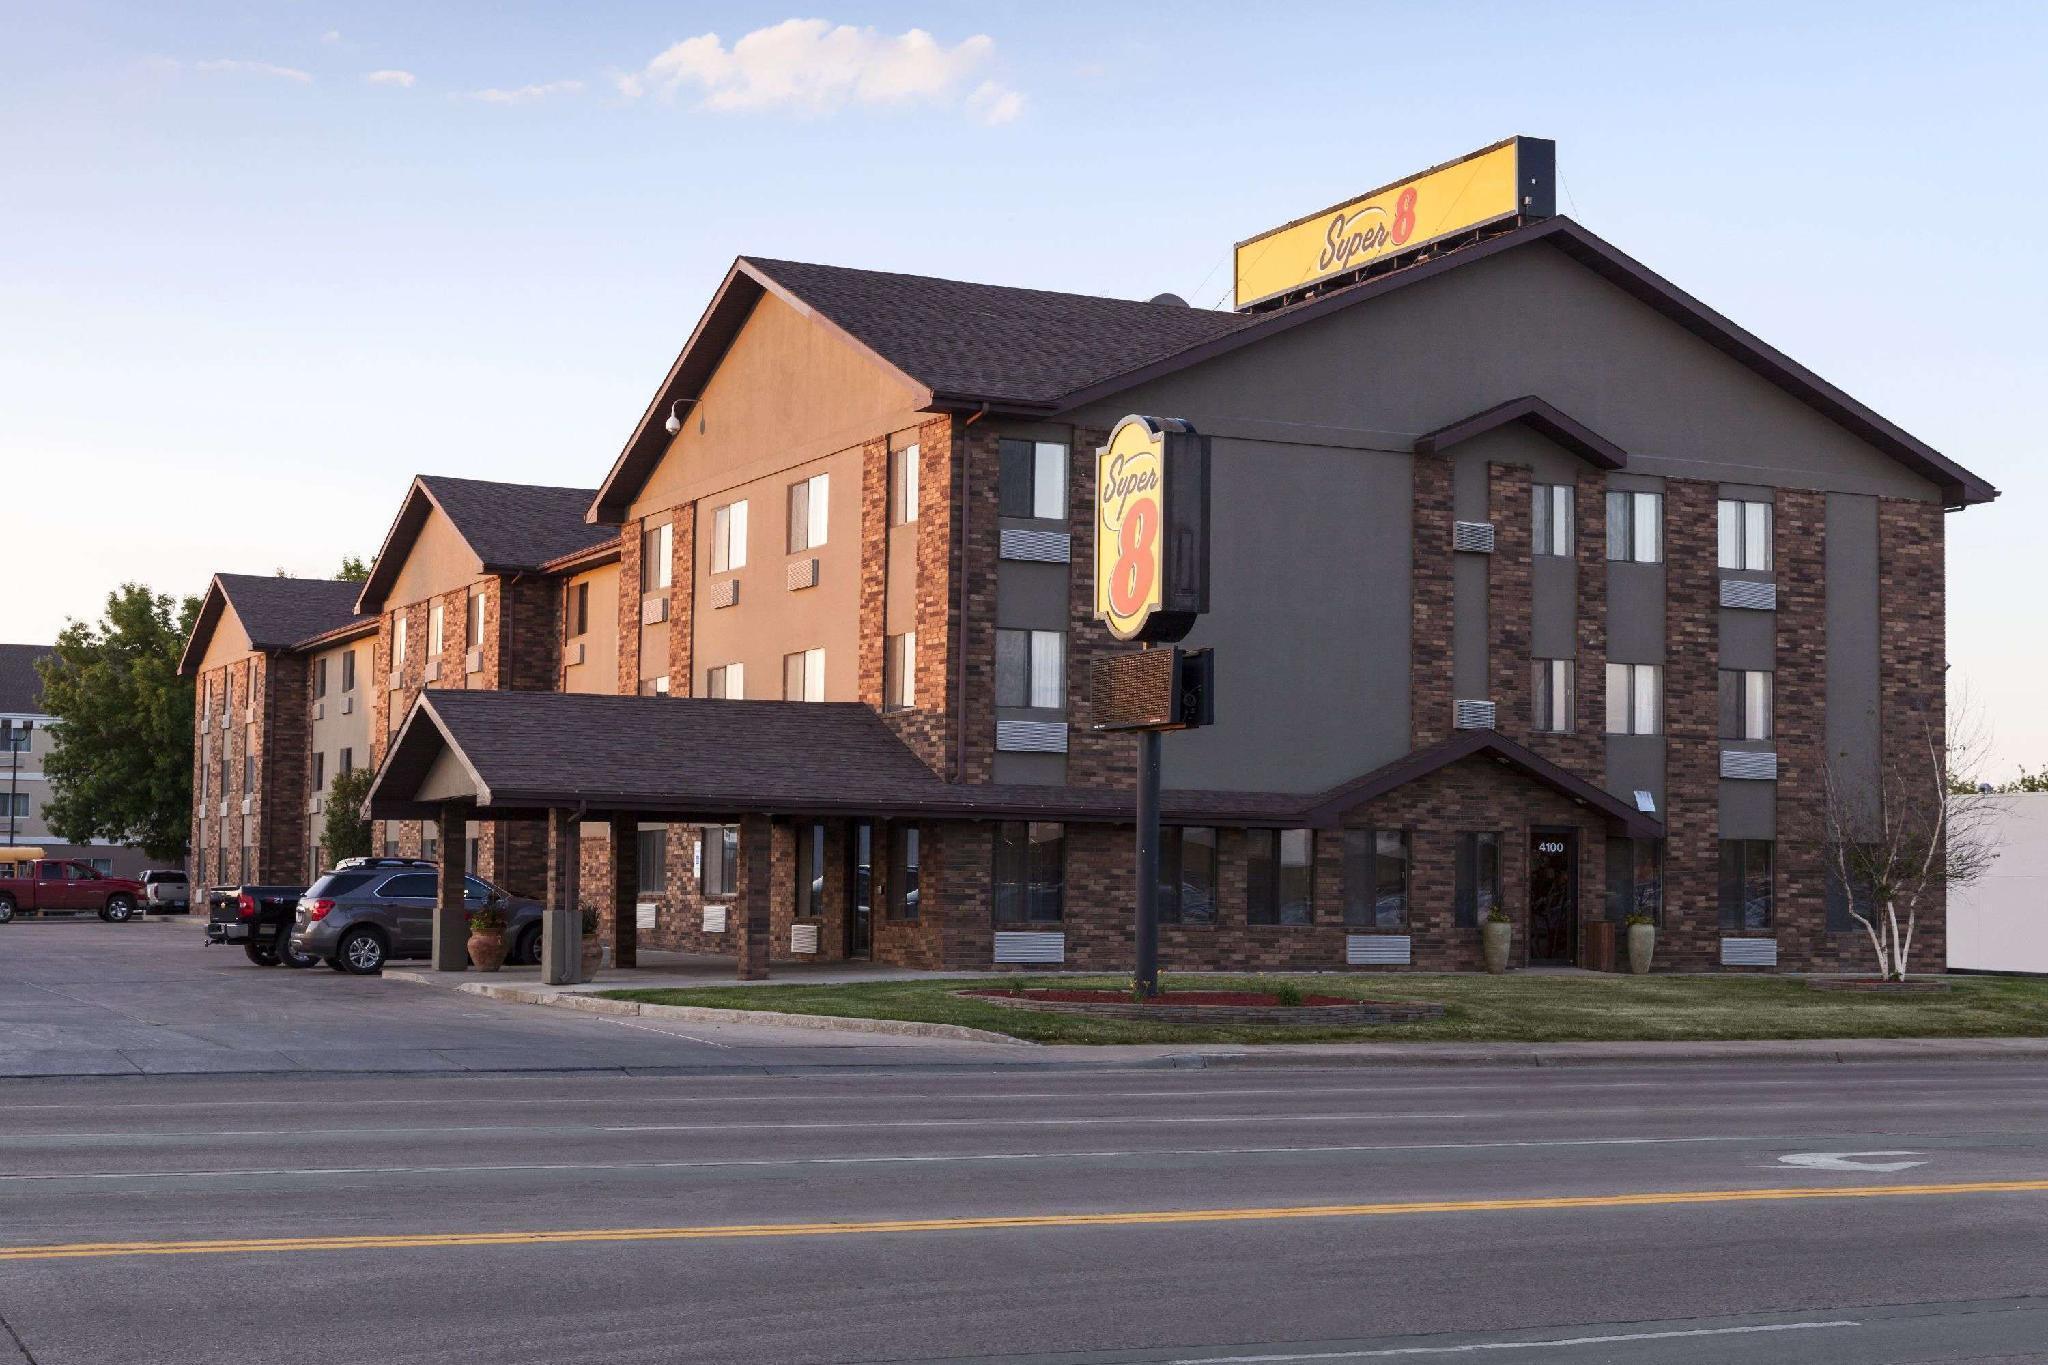 Super 8 By Wyndham Sioux Falls 41St Street